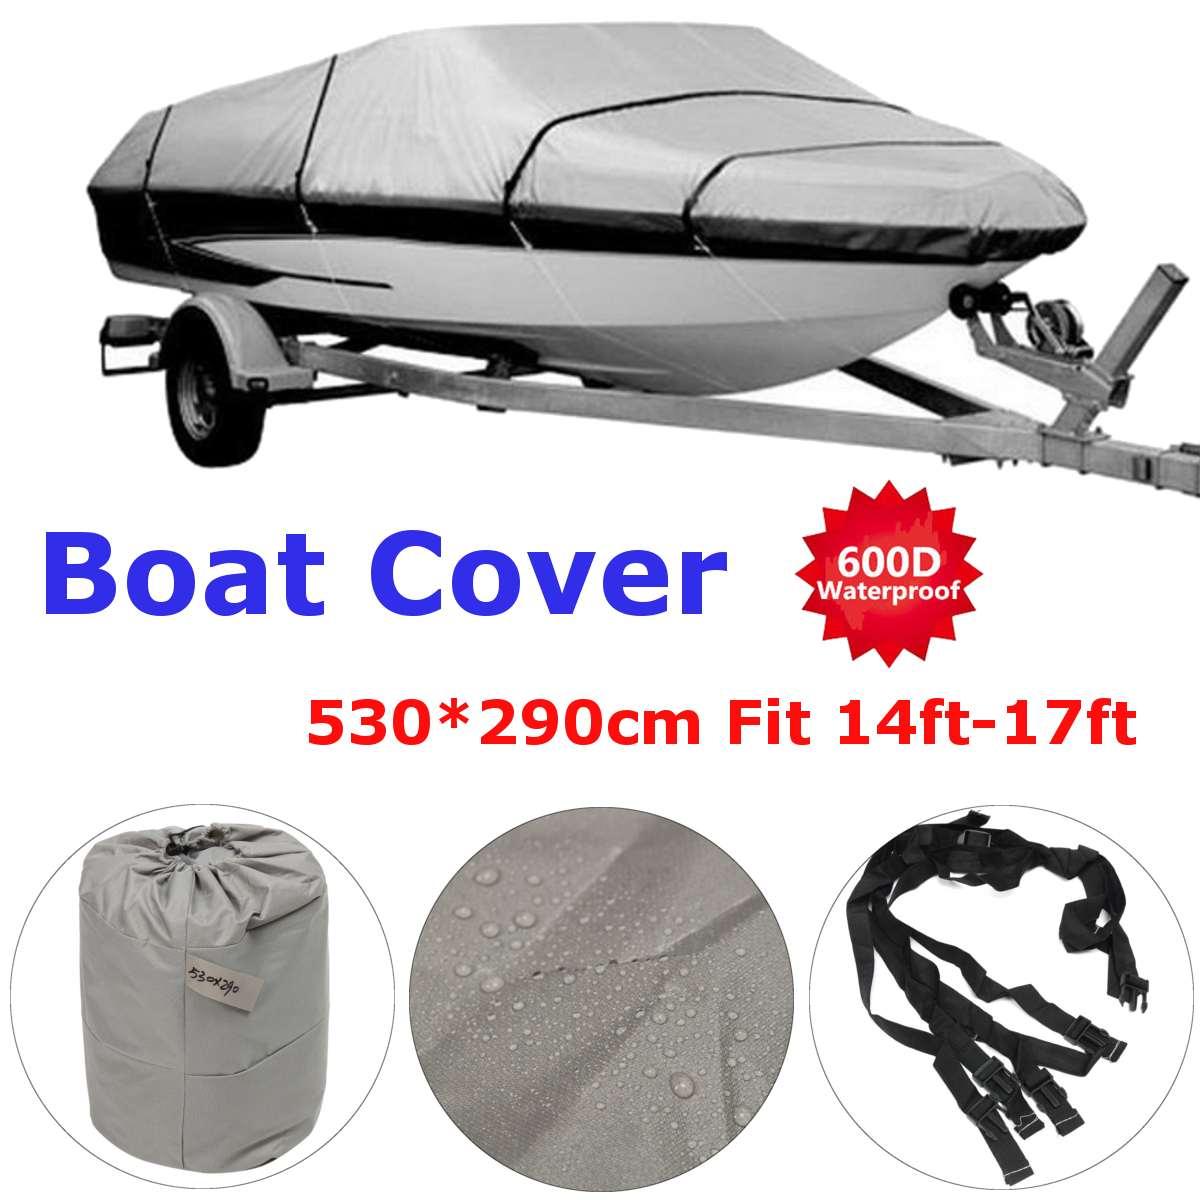 600D gris imperméable couverture de bateau de pêche Protection UV 14-17 Ft remorque résistant pêche Ski bateau couverture v-coque 114 ''faisceau